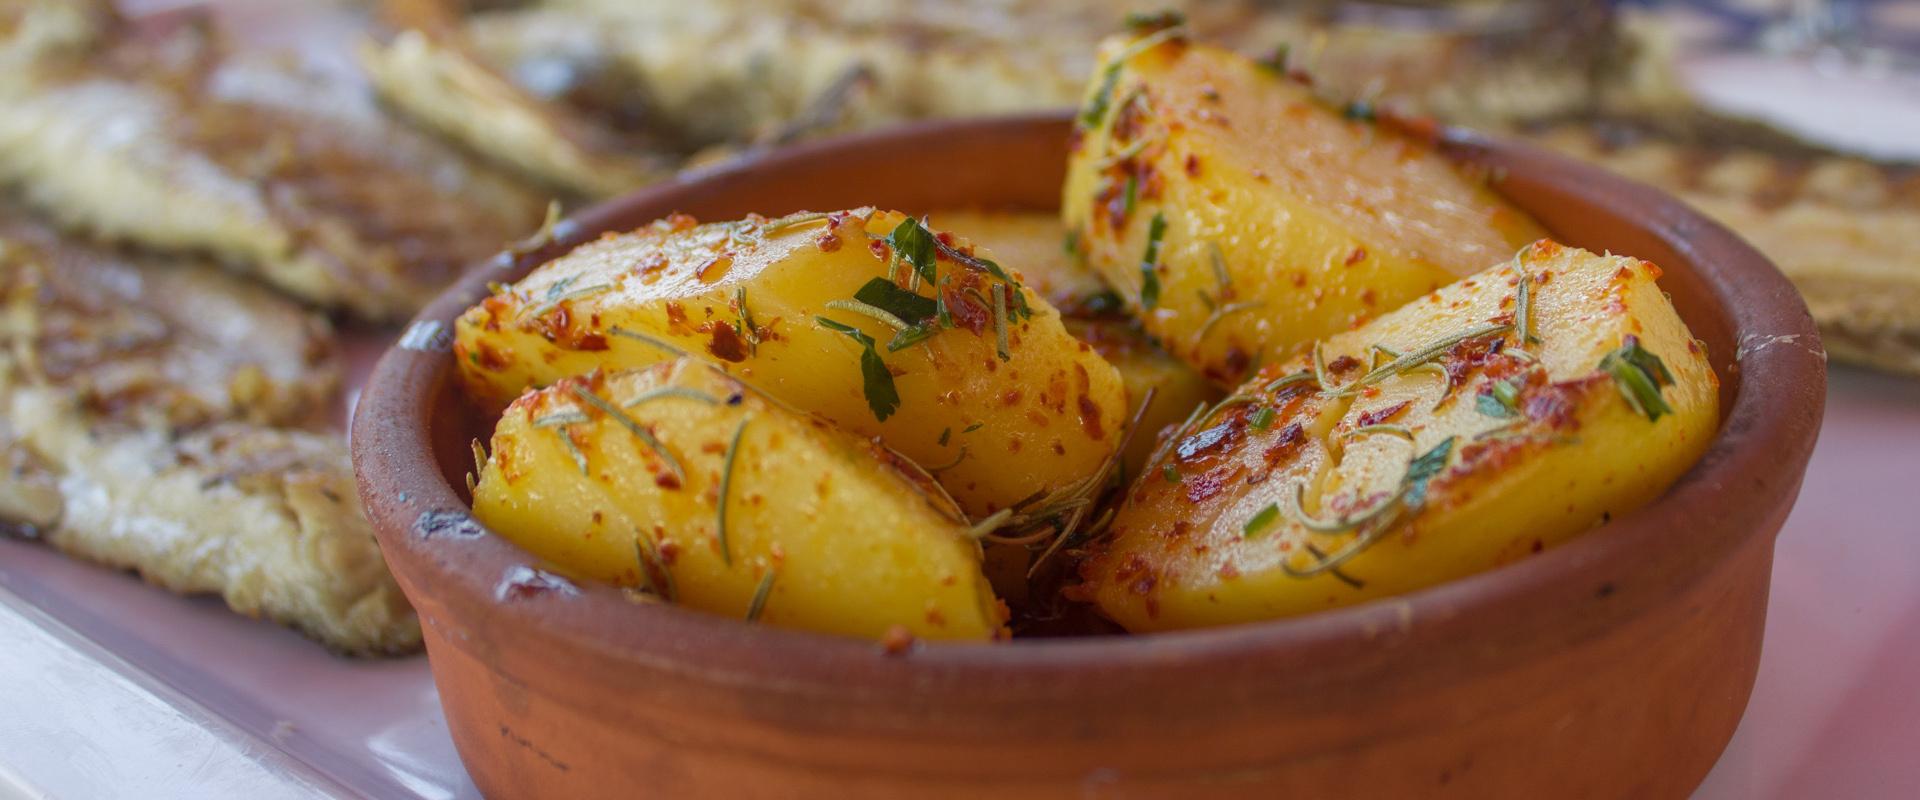 majonézben sült krumpli cover